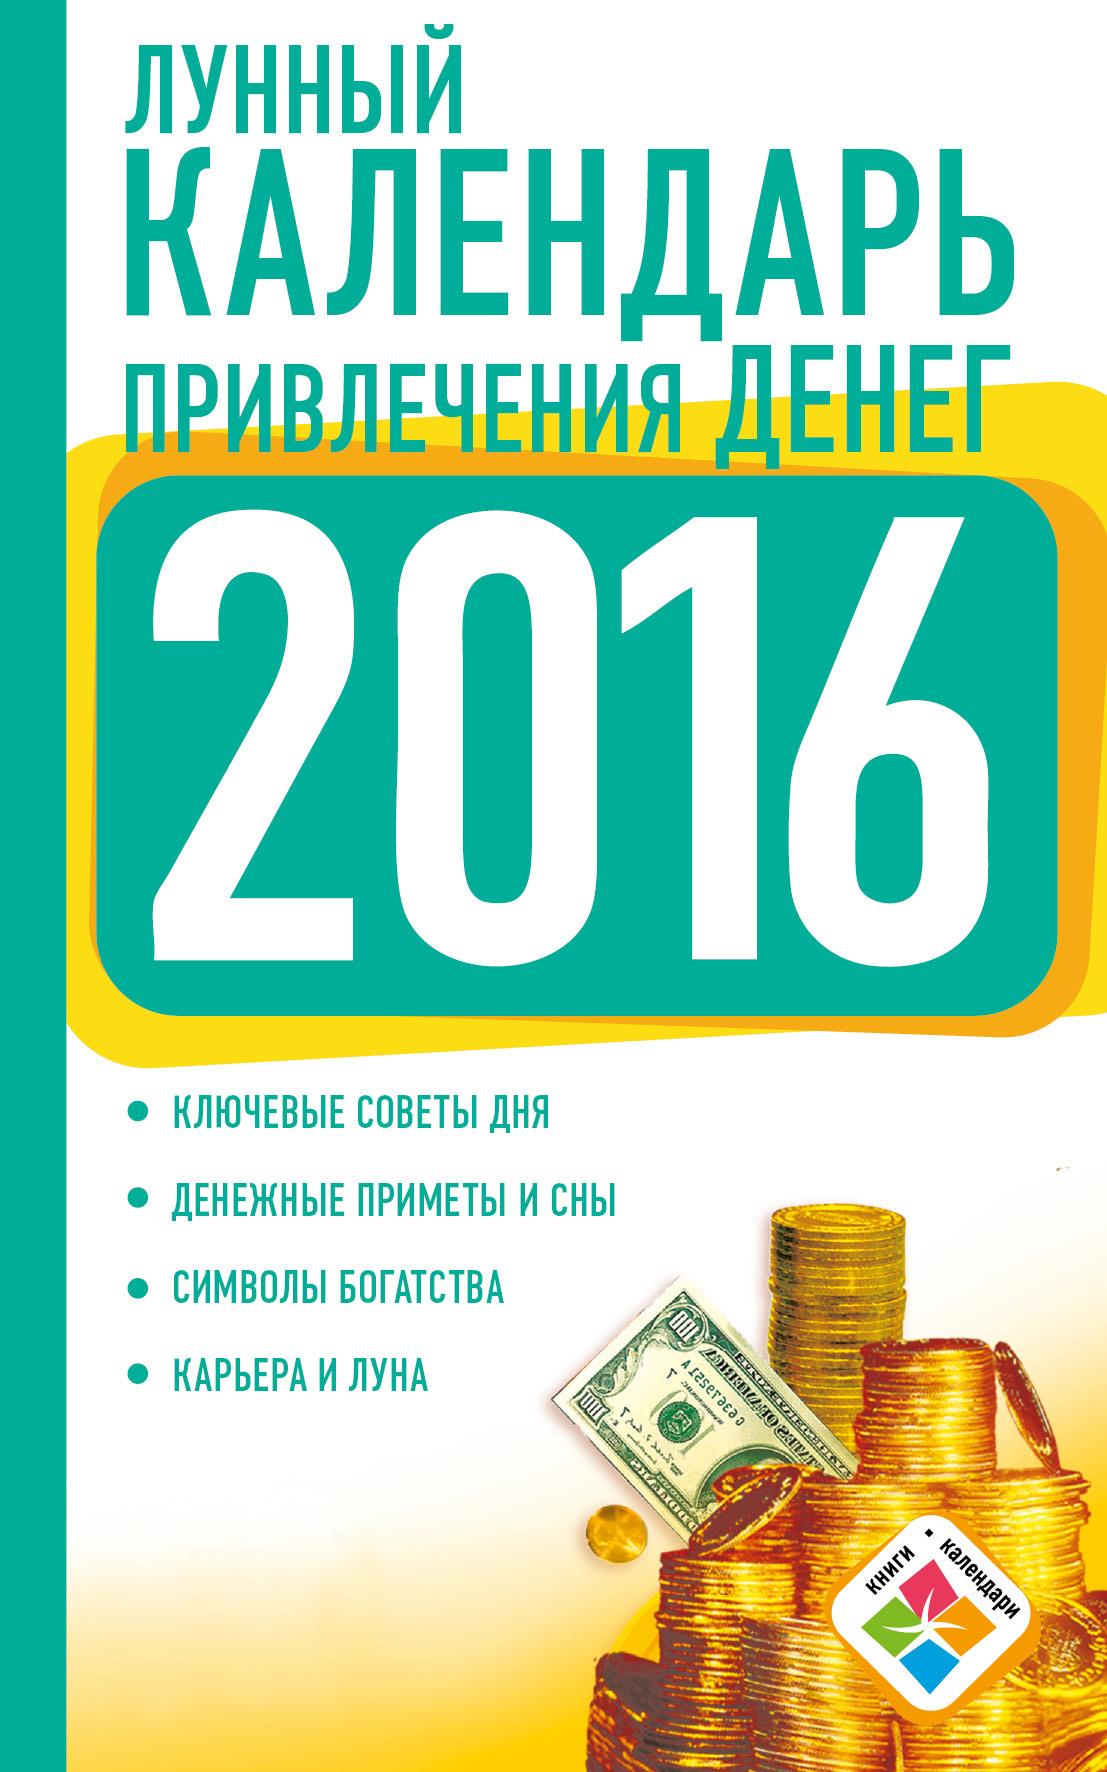 Нина Виноградова Лунный календарь привлечения денег на 2016 год нина виноградова лунный календарь богатства и успеха на 2016 год